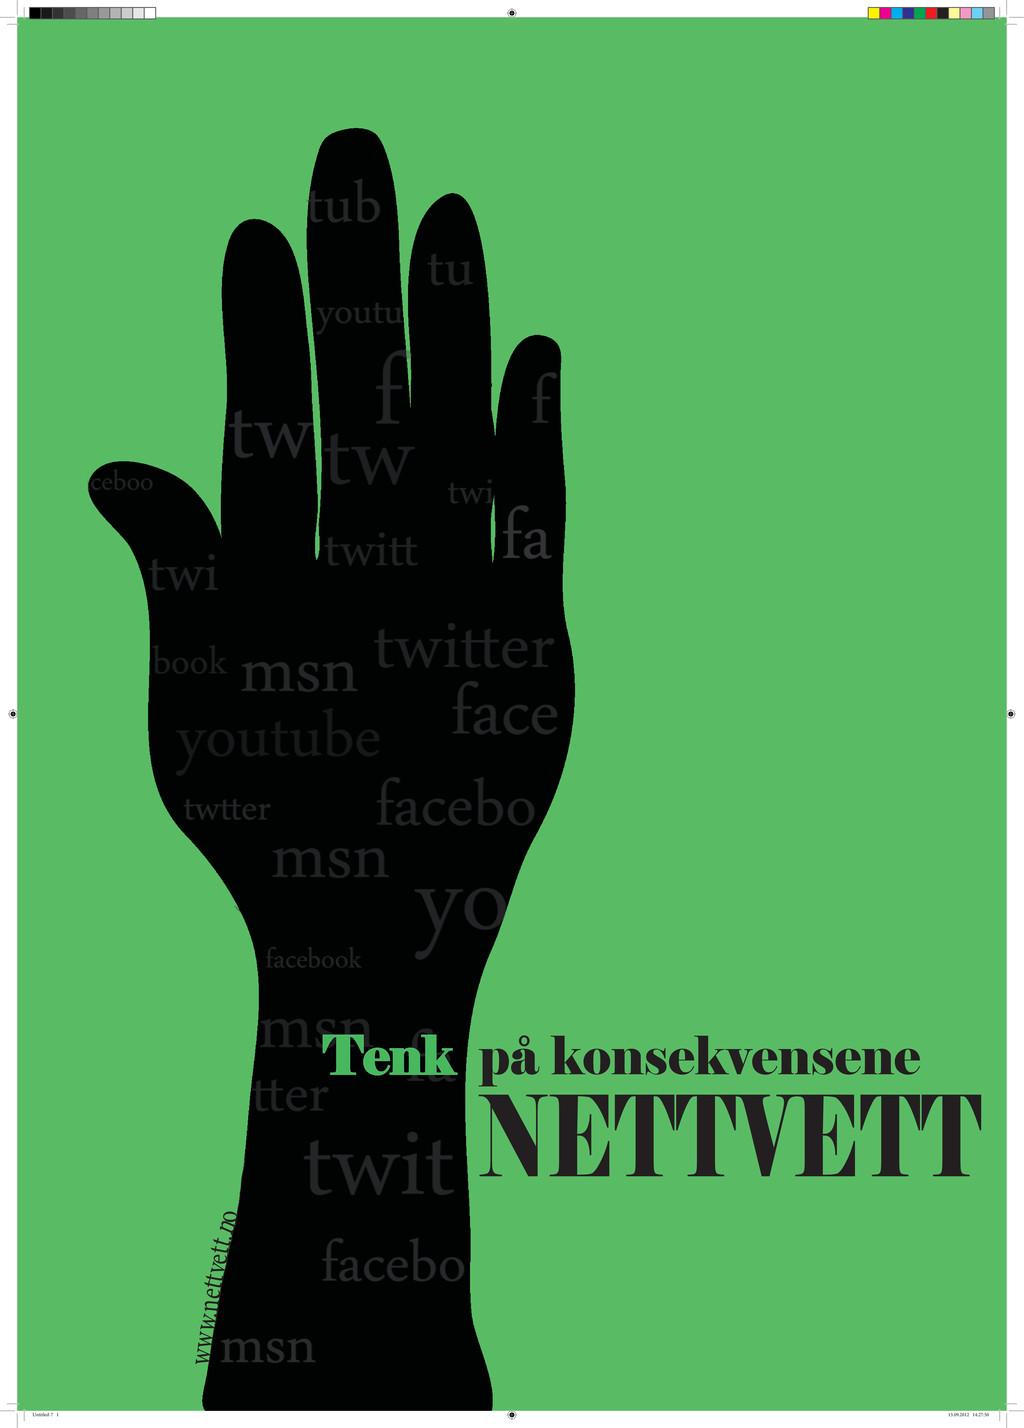 NETTVETT Tenk på konsekvensene www.nettvett.no ...